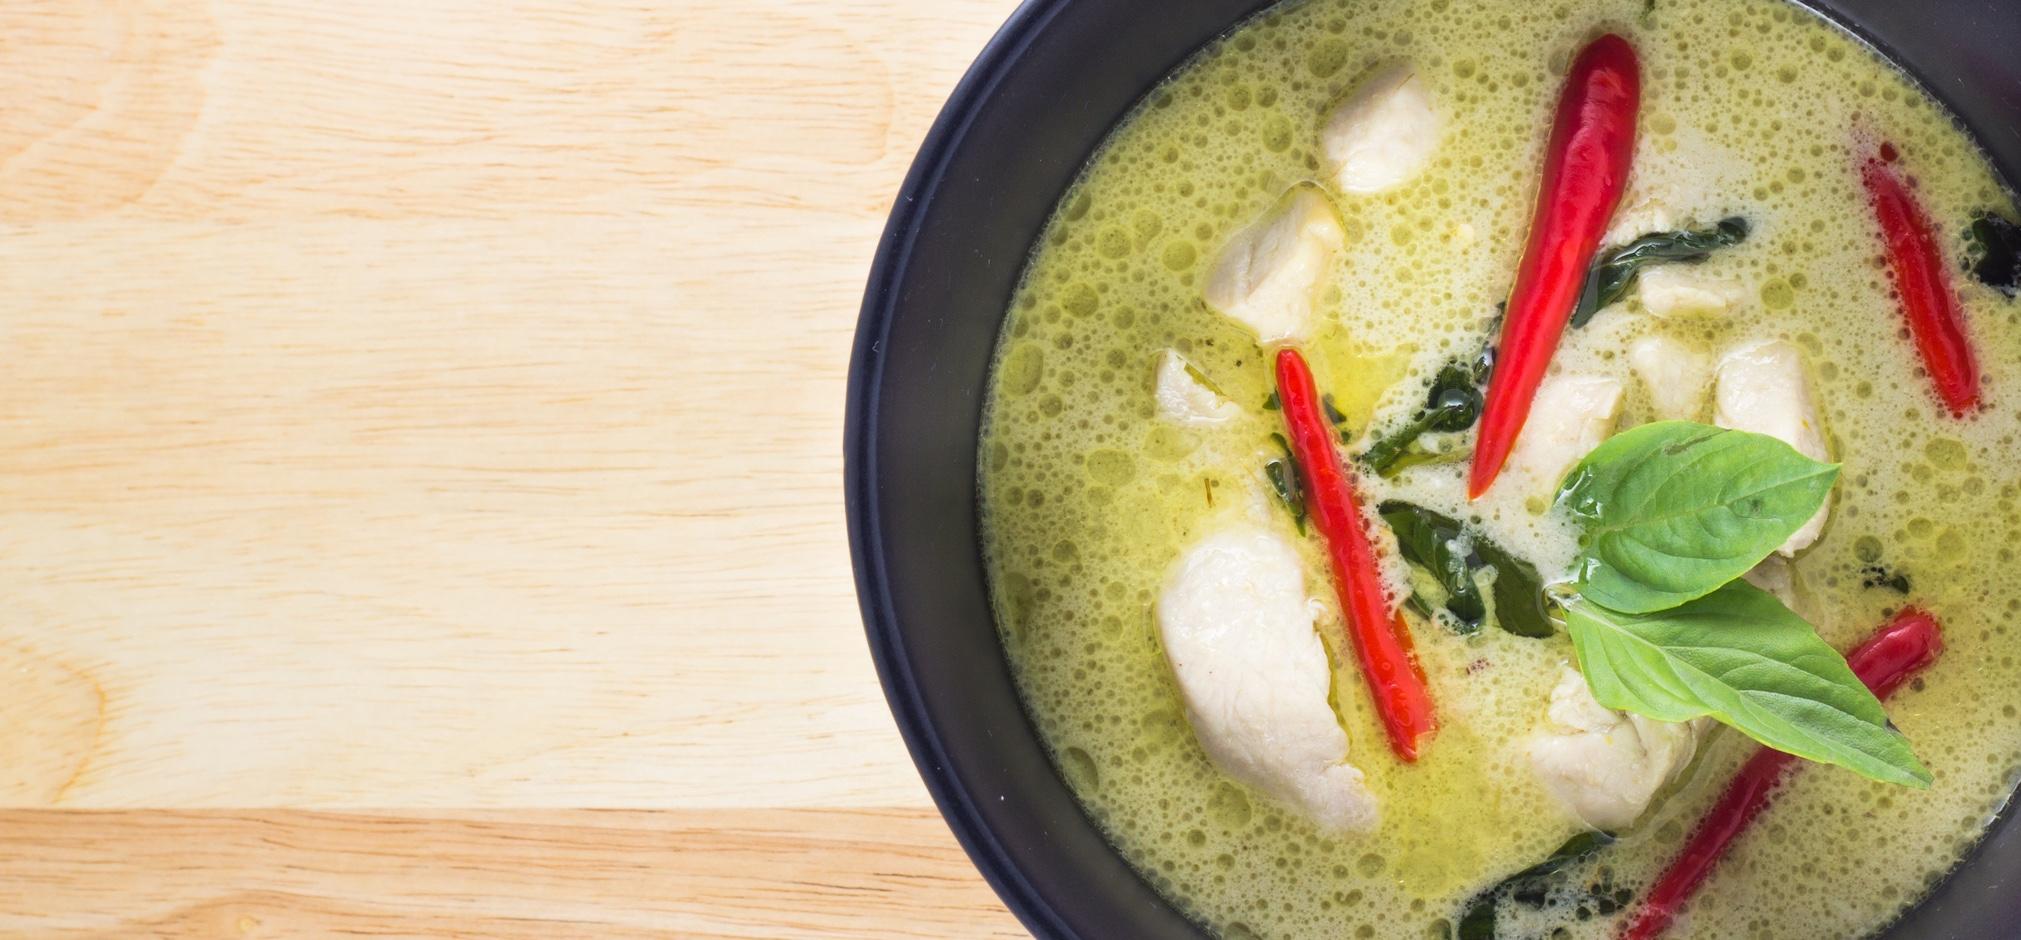 タイ料理・ベトナム料理を中心に 食を通じて文化を感じる料理教室。